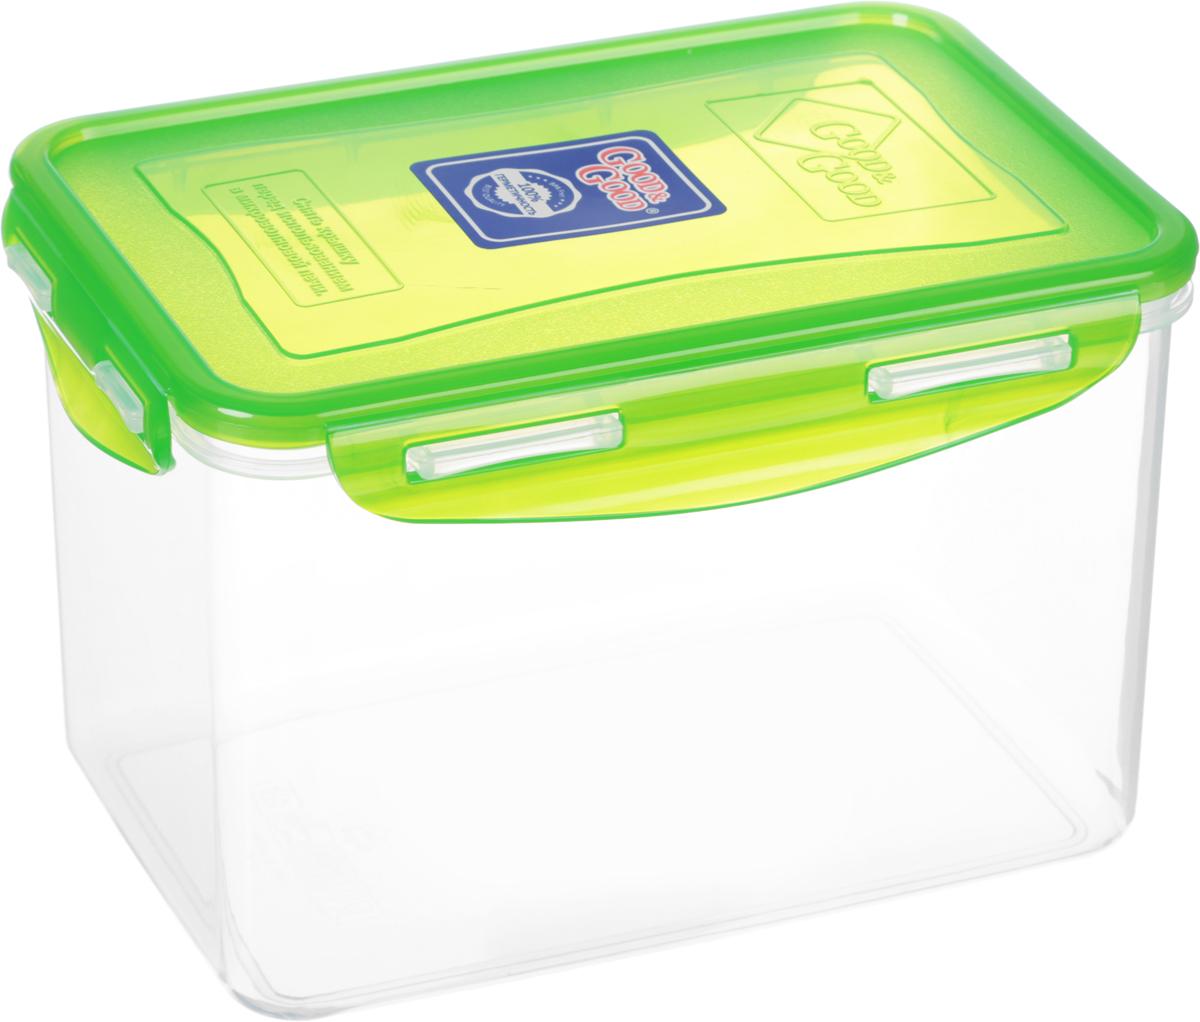 Контейнер пищевой Good&Good, цвет: прозрачный, зеленый, 2,2 лFD 992Прямоугольный контейнер Good&Good изготовлен из высококачественного полипропилена и предназначен для хранения любых пищевых продуктов. Благодаря особым технологиям изготовления, лотки в течение времени службы не меняют цвет и не пропитываются запахами. Крышка с силиконовой вставкой герметично защелкивается специальным механизмом. Контейнер Good&Good удобен для ежедневного использования в быту.Можно мыть в посудомоечной машине и использовать в микроволновой печи.Размер контейнера (с учетом крышки): 20 х 13,5 х 13 см.